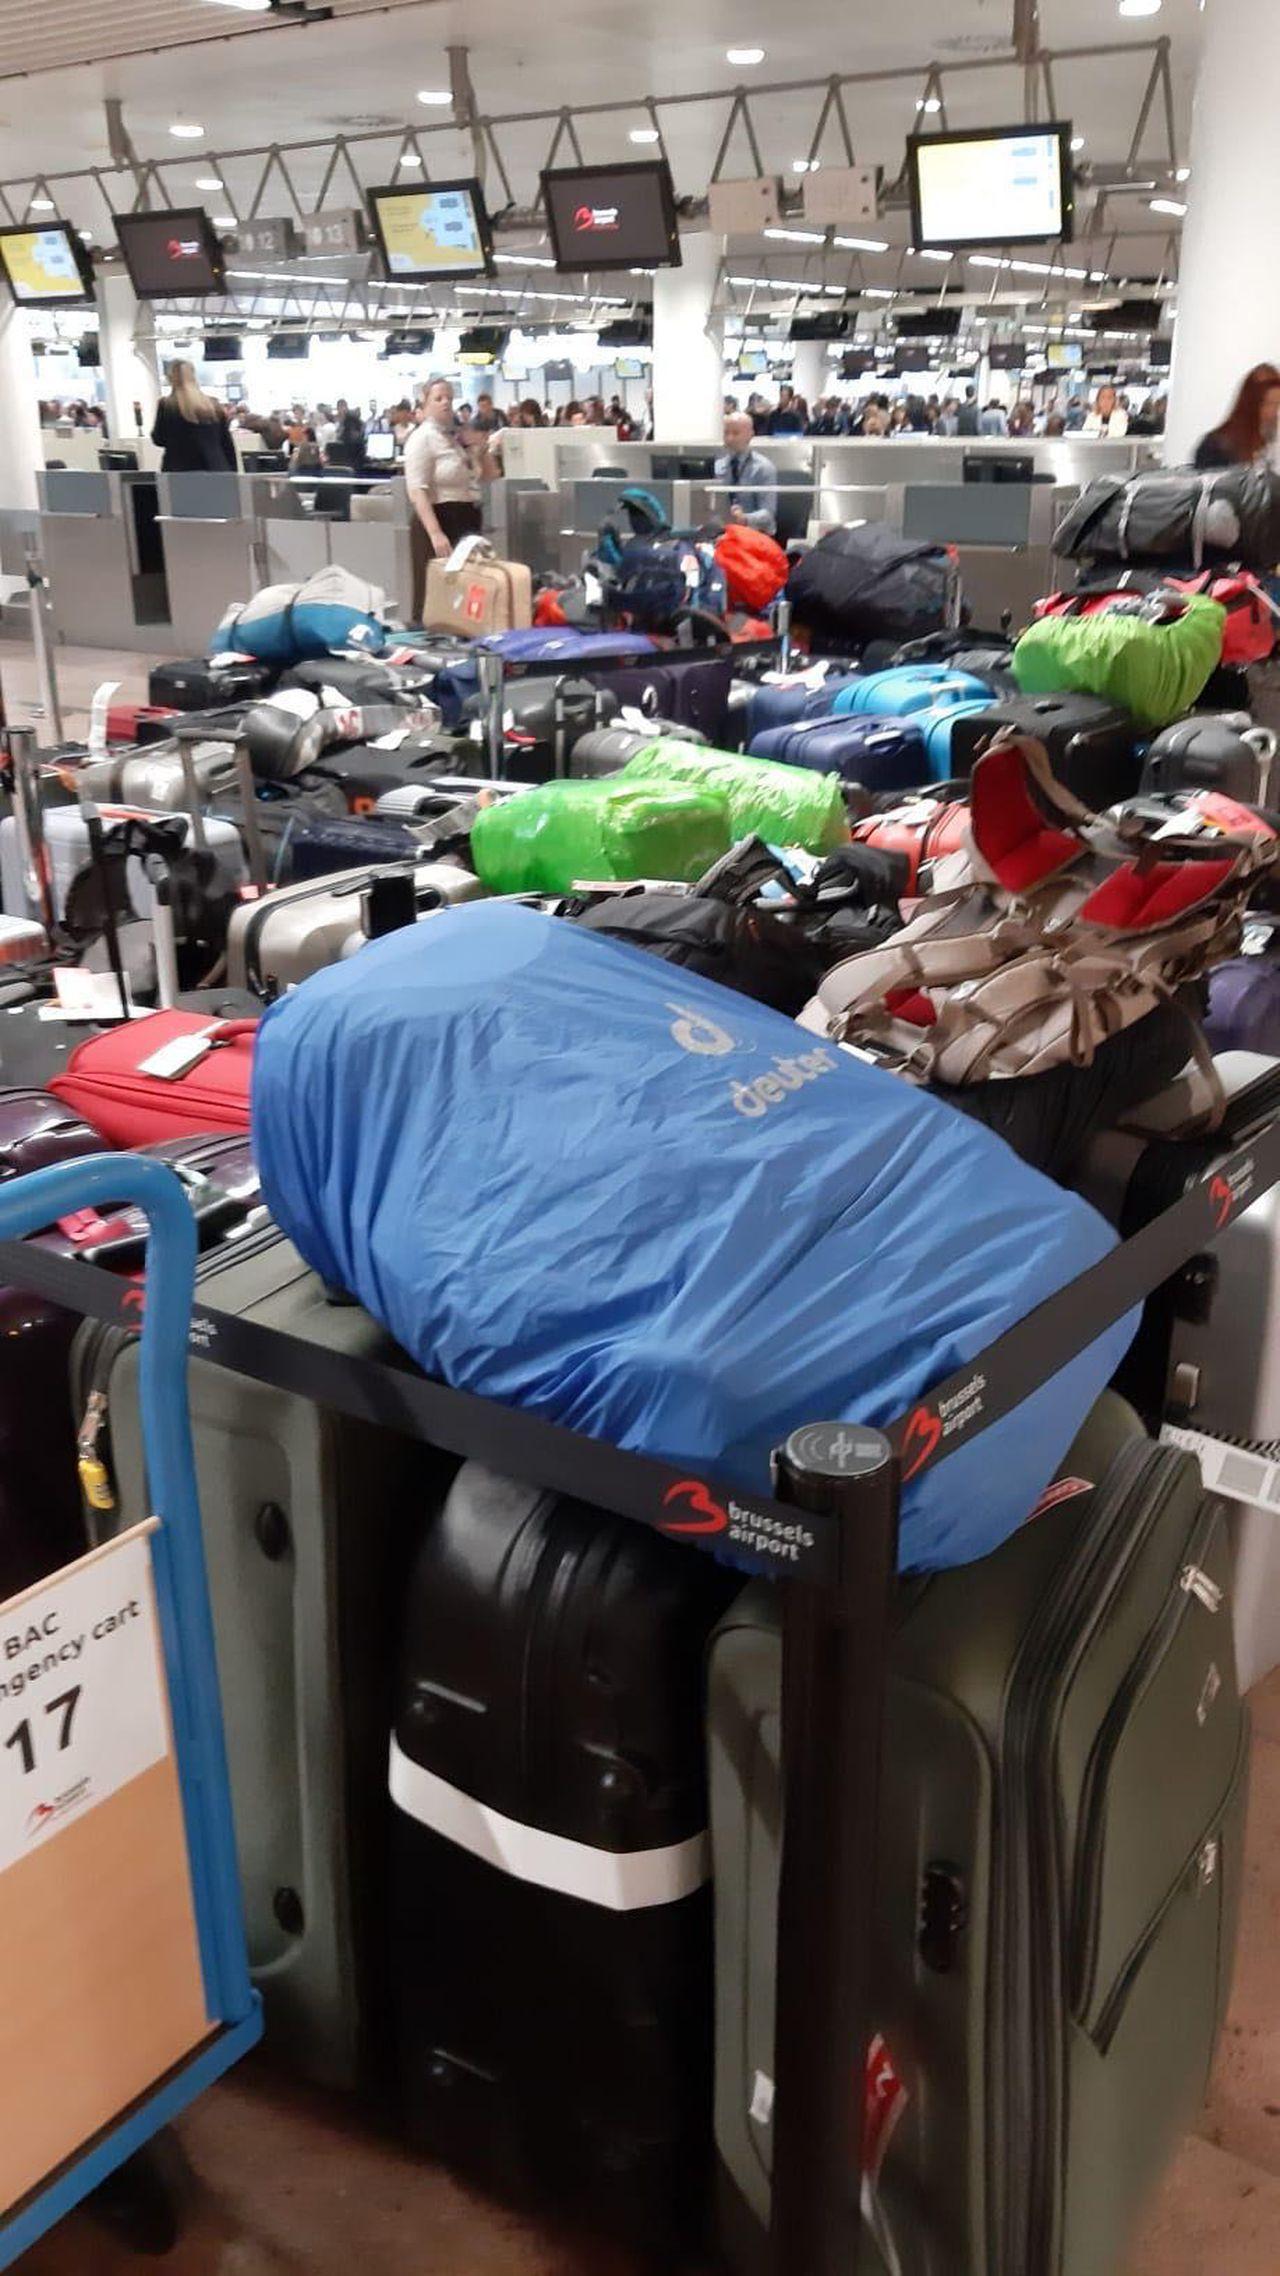 بينها رحلات قادمة الى المغرب.. تأخر 50 رحلة جوية بسبب تكدس المئات من الحقائب بمطار بروكسل زافنتيم